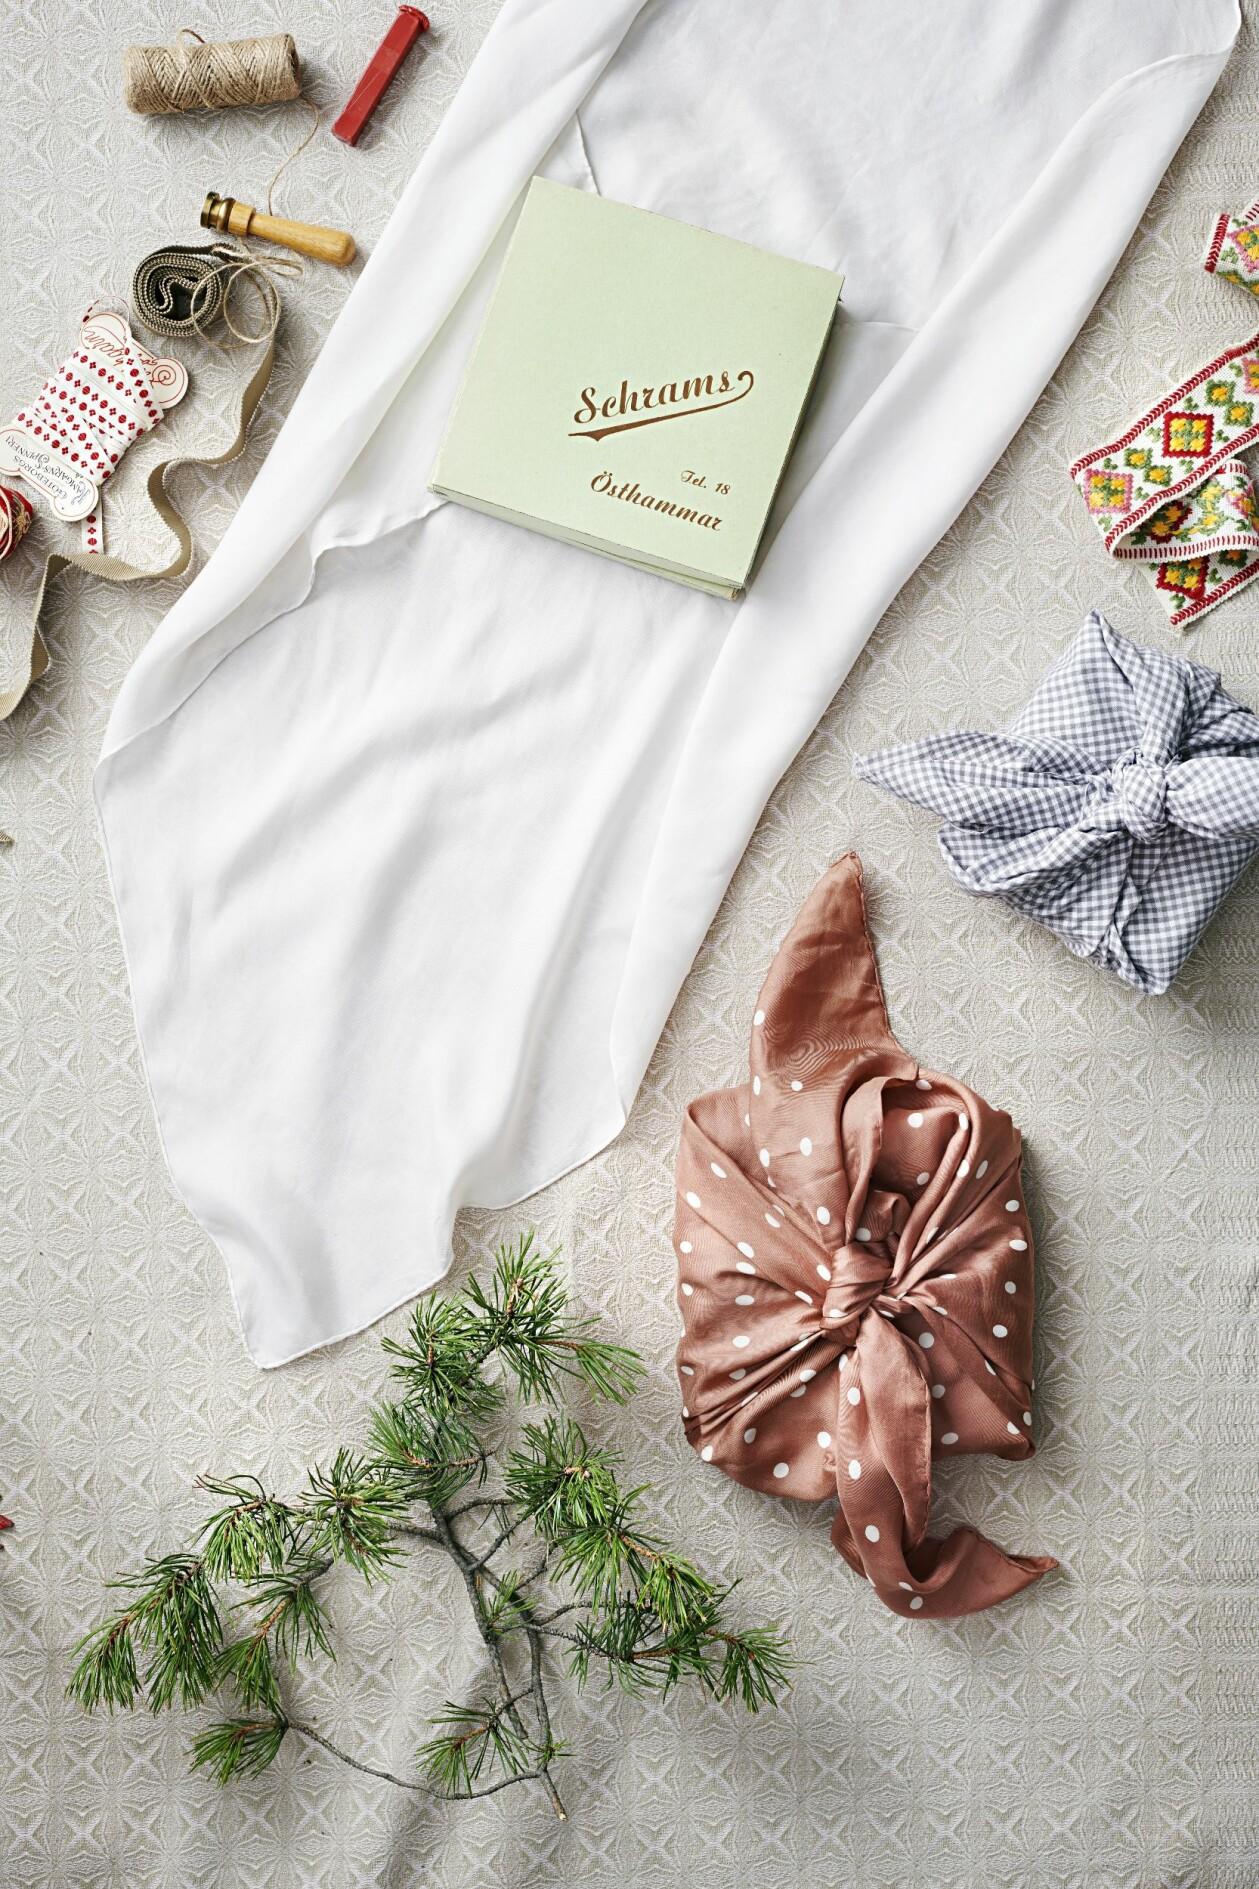 Gustav Broström tipsar om knep för att slå in paket på nya sätt när du ska ge bort julklappar.